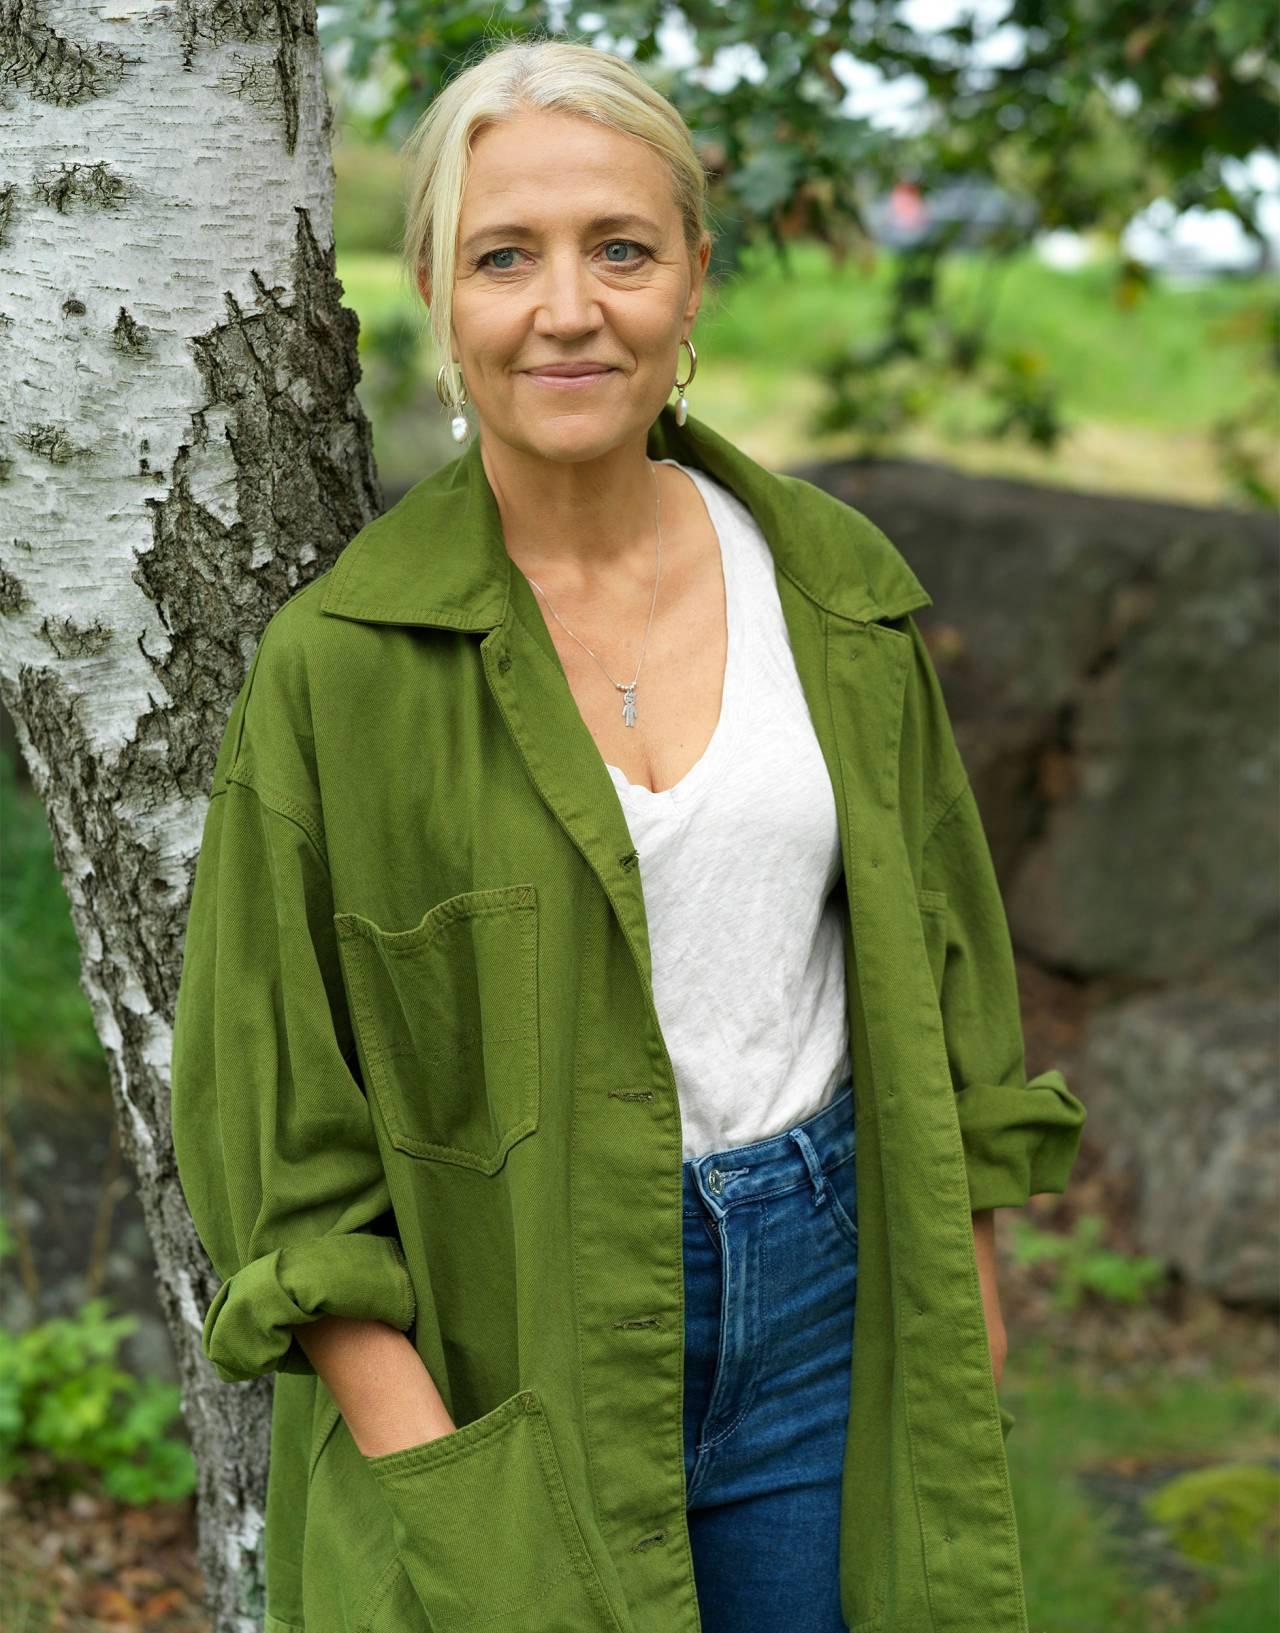 Skådespelaren Klara Zimmergren står i grön skjorta vid en björk.